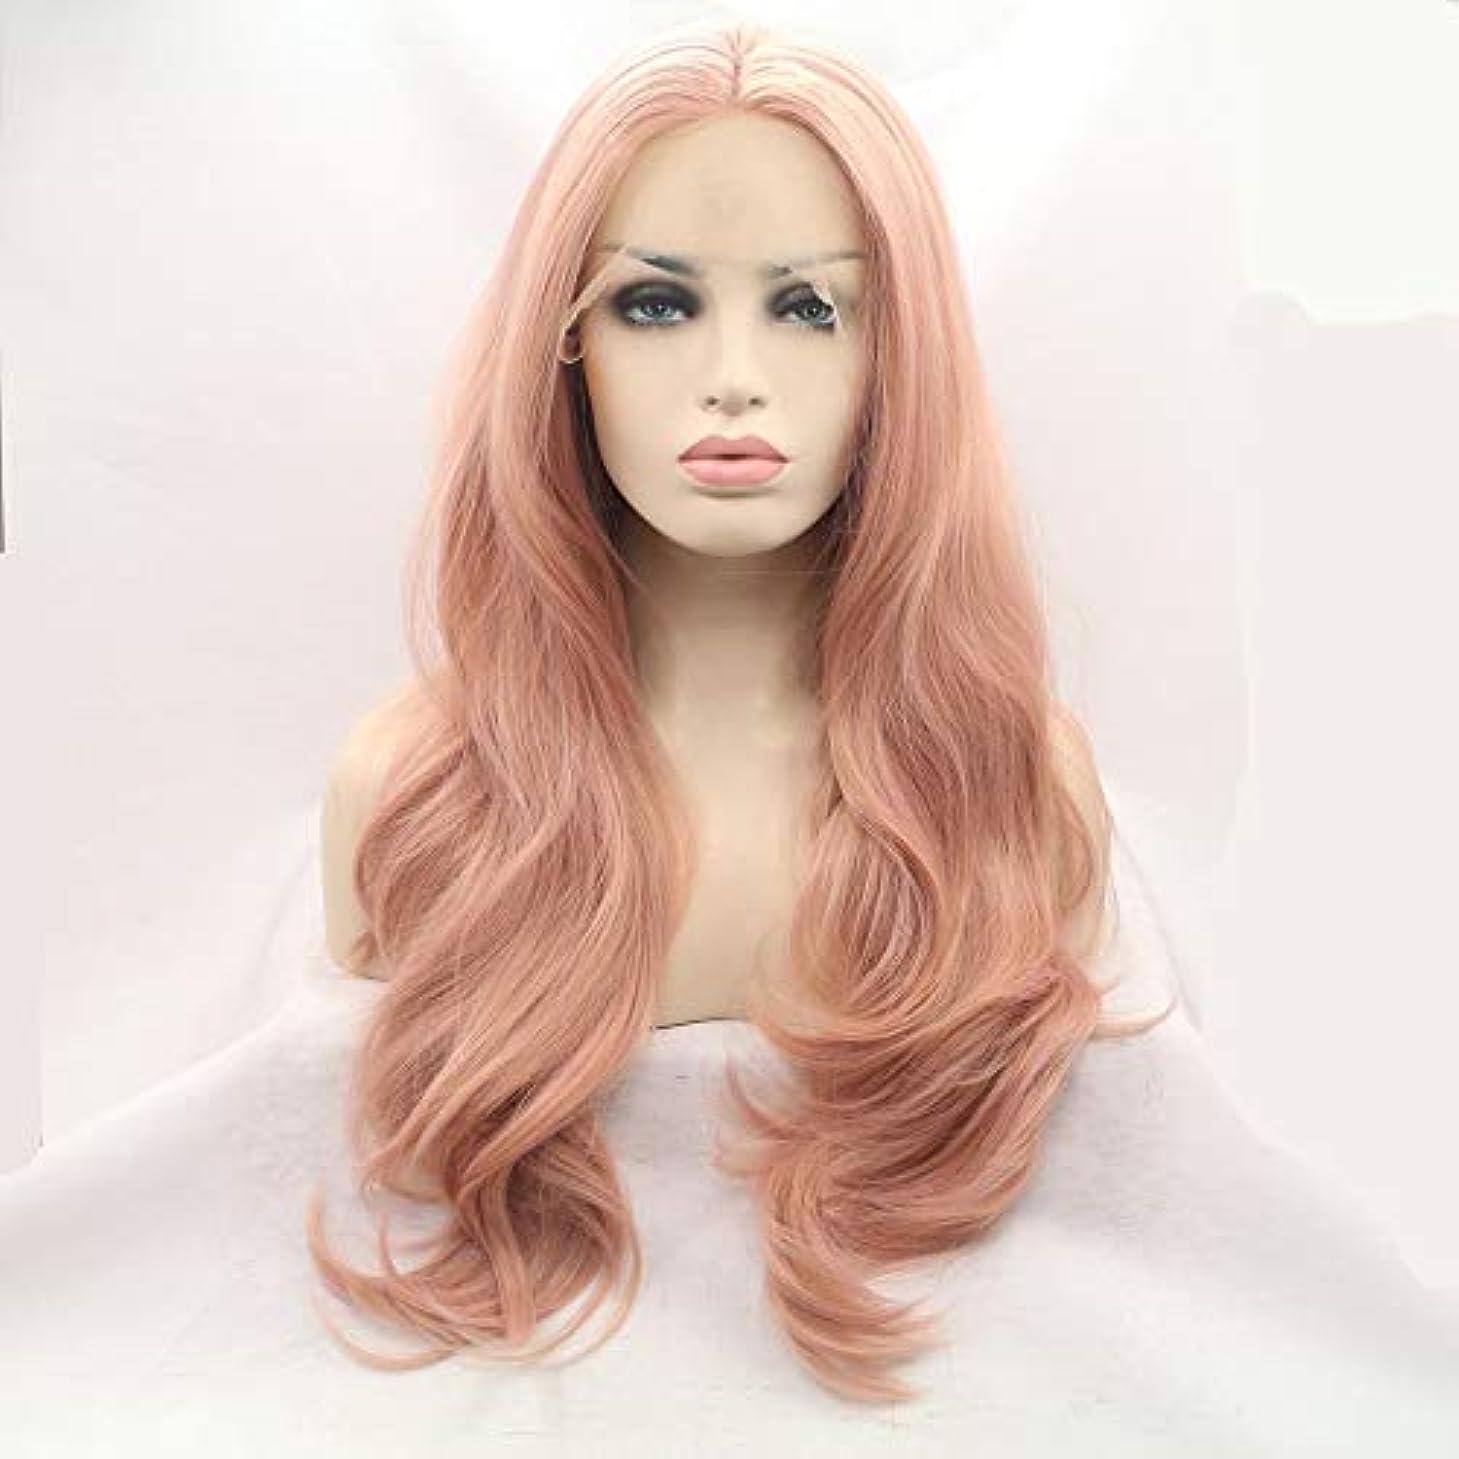 プレミアム子豚ライオネルグリーンストリートかつらキャップかつらで長いファンシードレスカール女性用高品質な人工毛髪コスプレ高密度かつら18インチ、20インチ、22インチ、24インチ、26インチ (Size : 22inch)